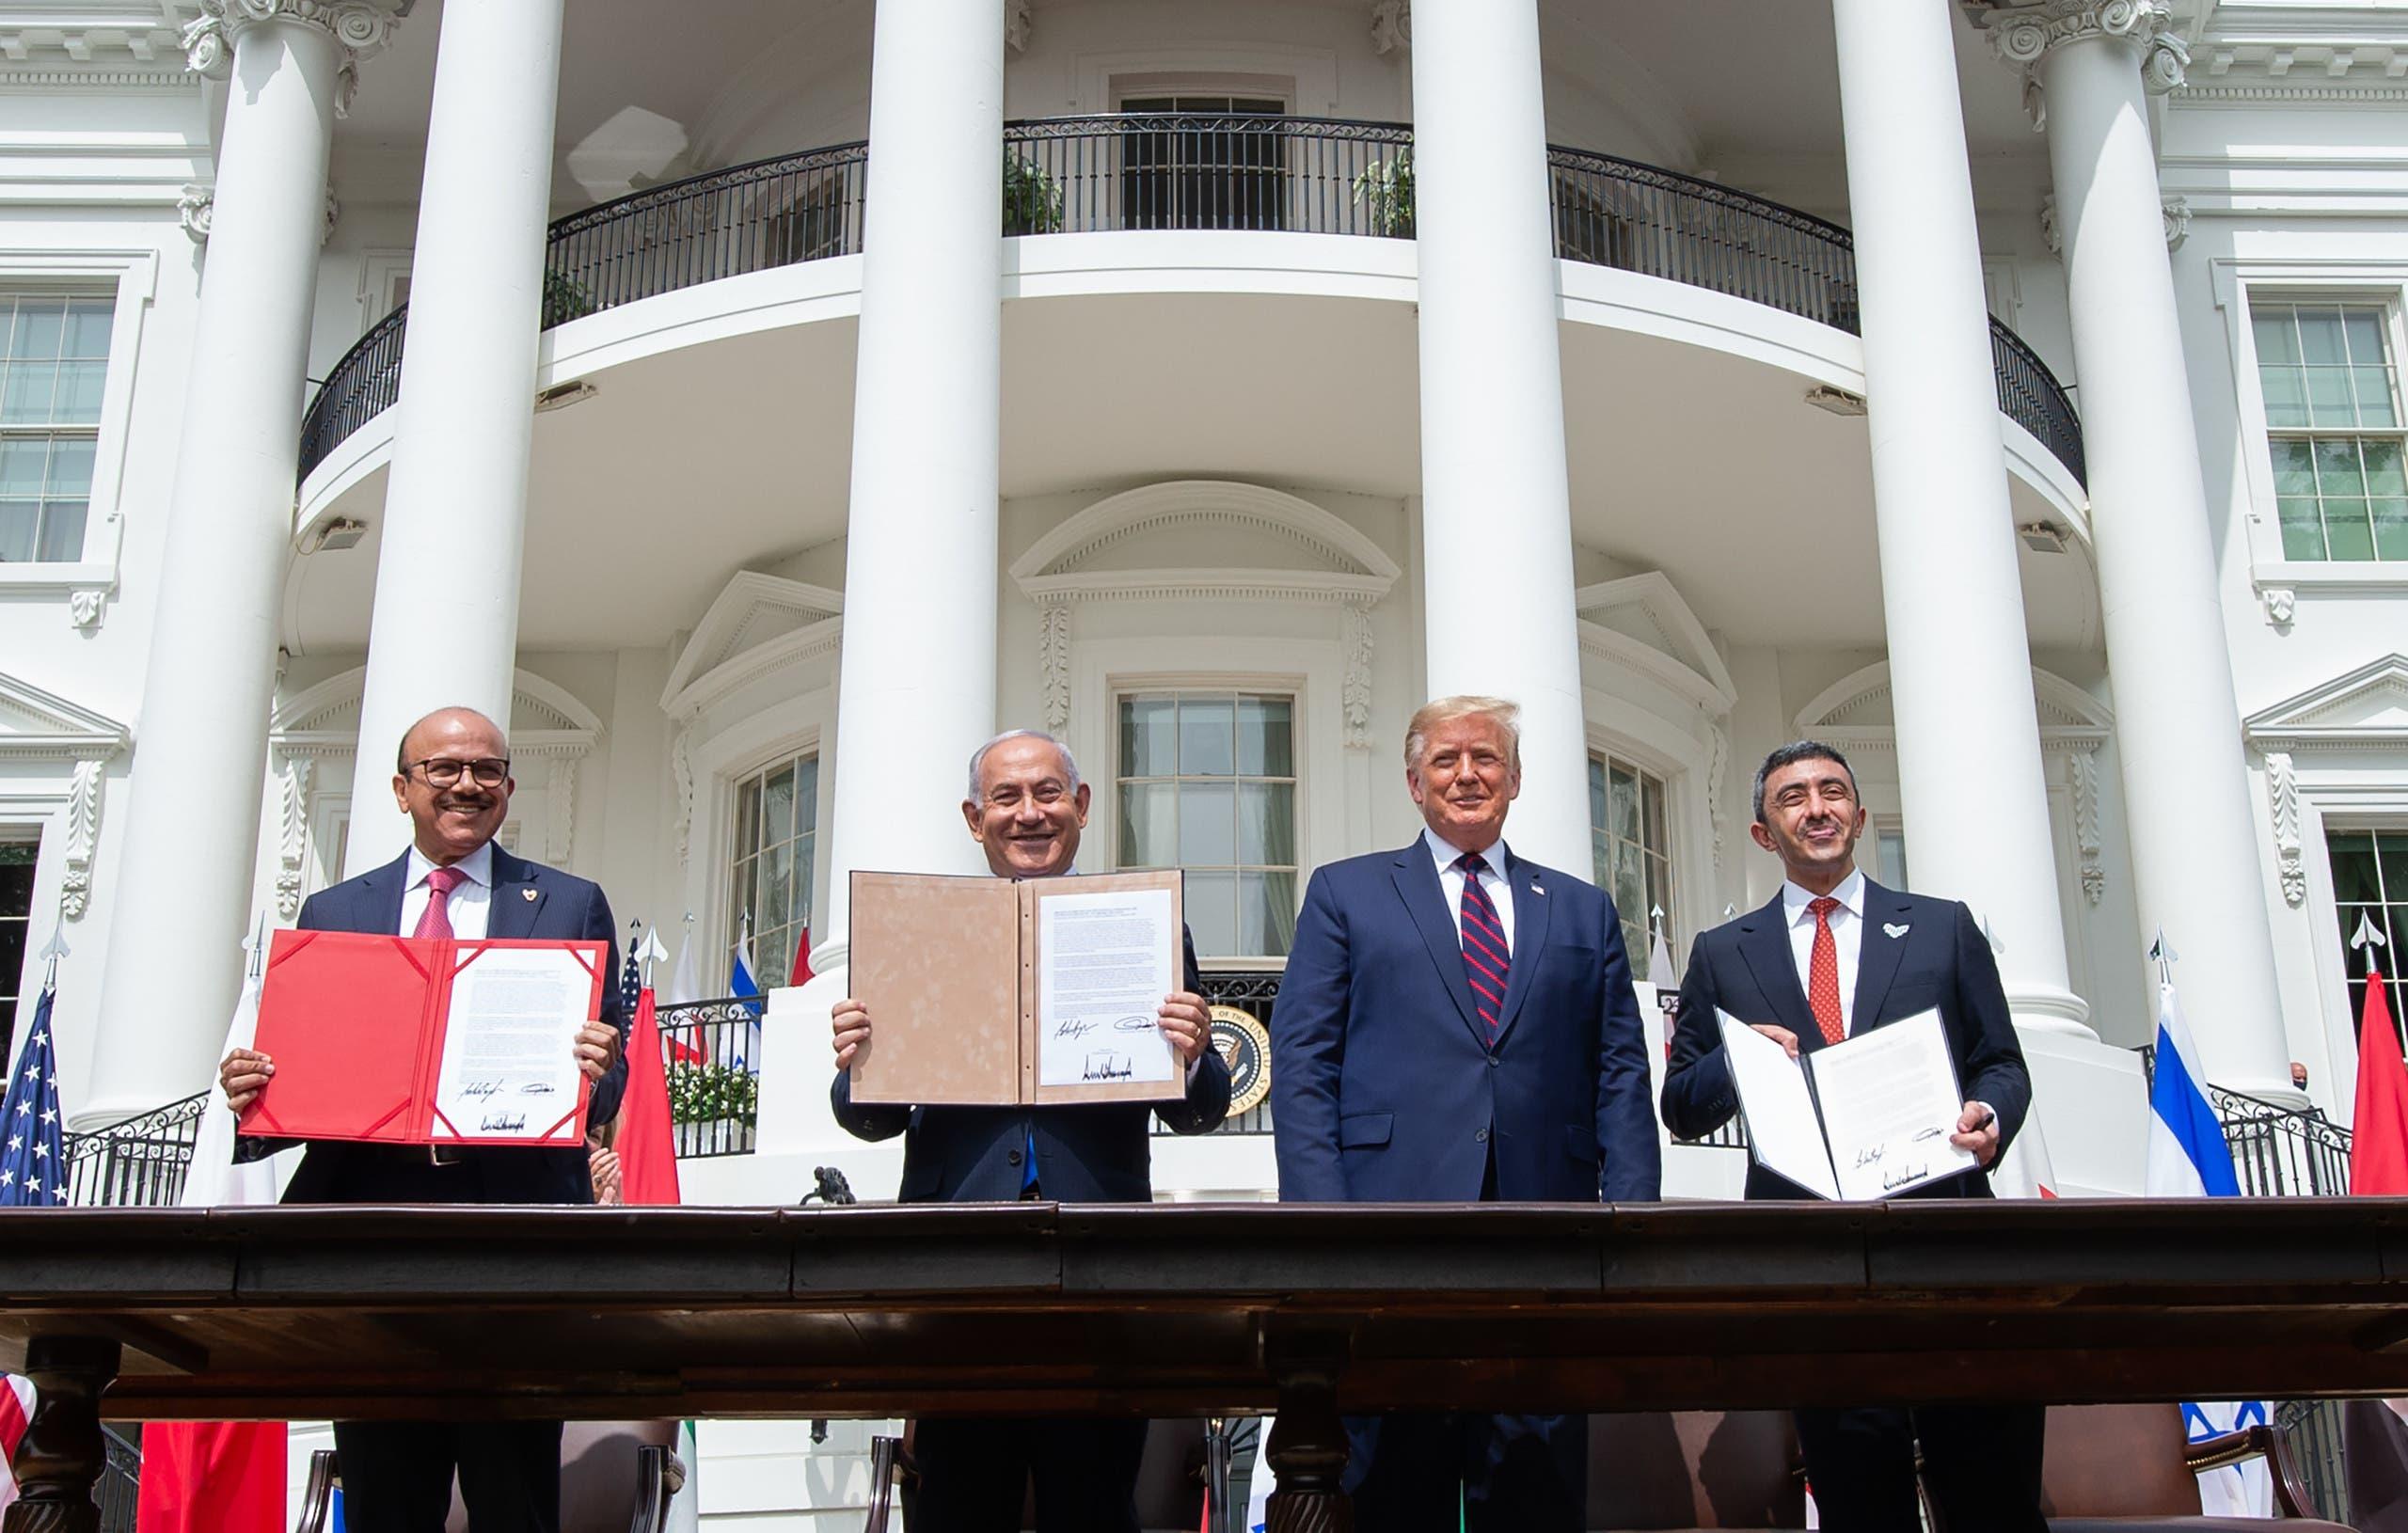 جانب من توقيع اتفاق سلام بين إسرائيل والإمارت والبحرين - أرشيفية